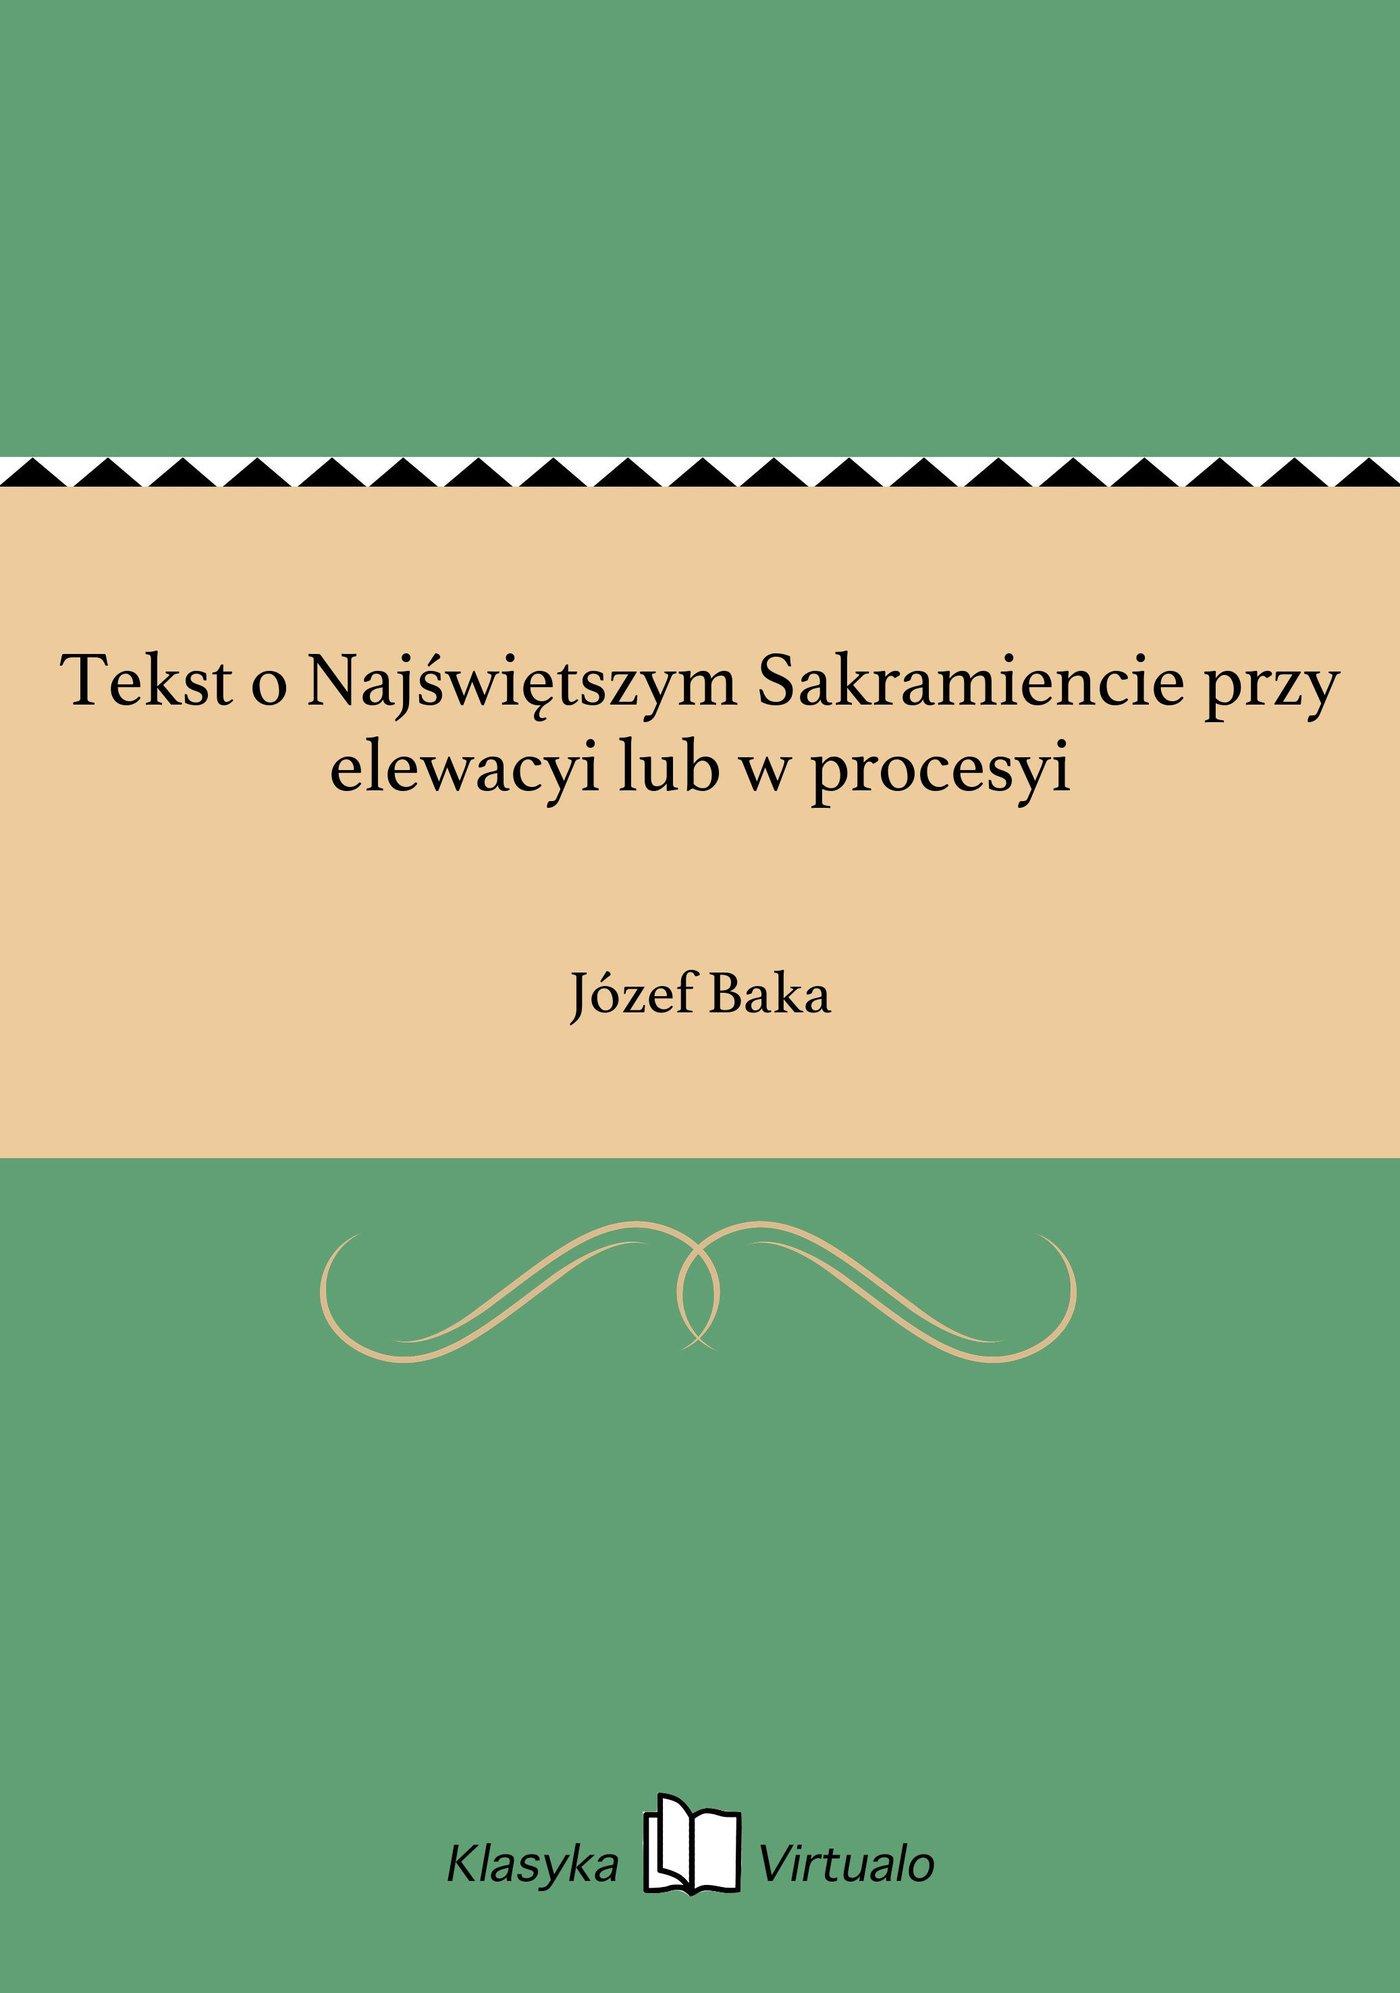 Tekst o Najświętszym Sakramiencie przy elewacyi lub w procesyi - Ebook (Książka EPUB) do pobrania w formacie EPUB